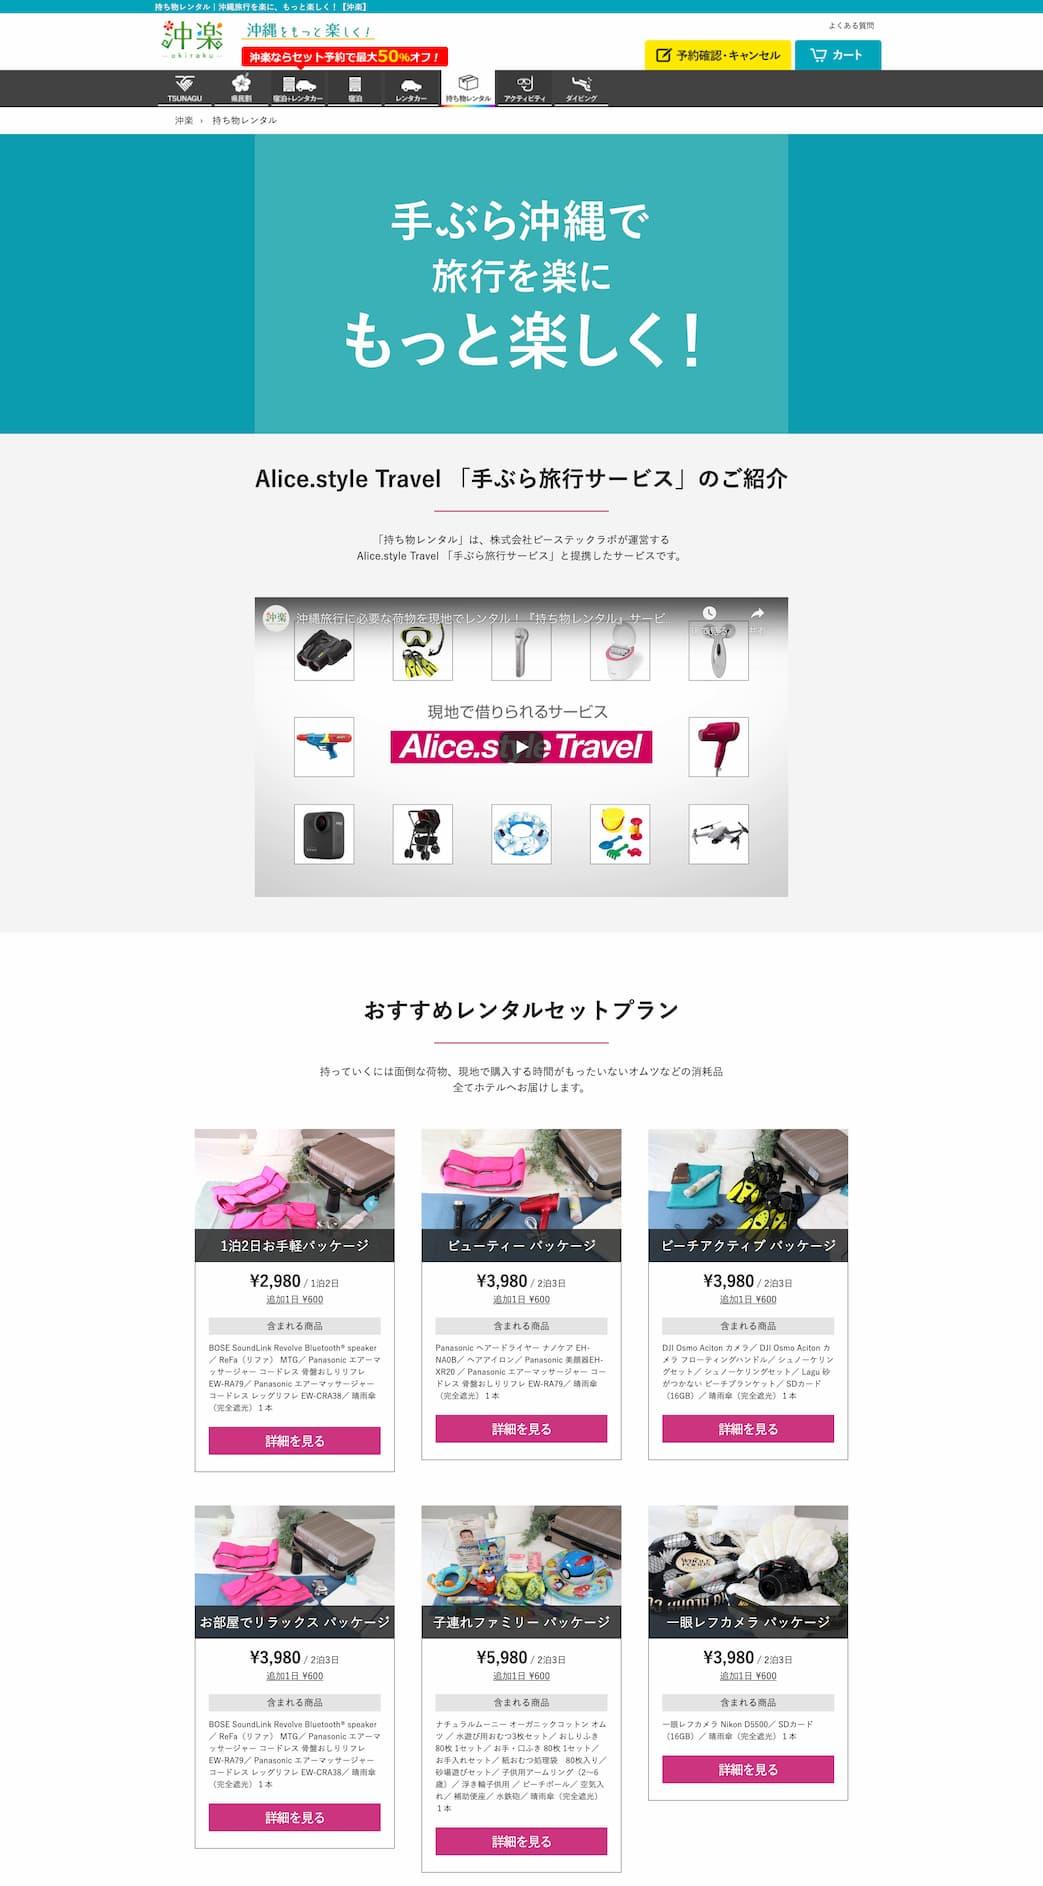 沖楽「持ち物レンタル」サービス サイトイメージ